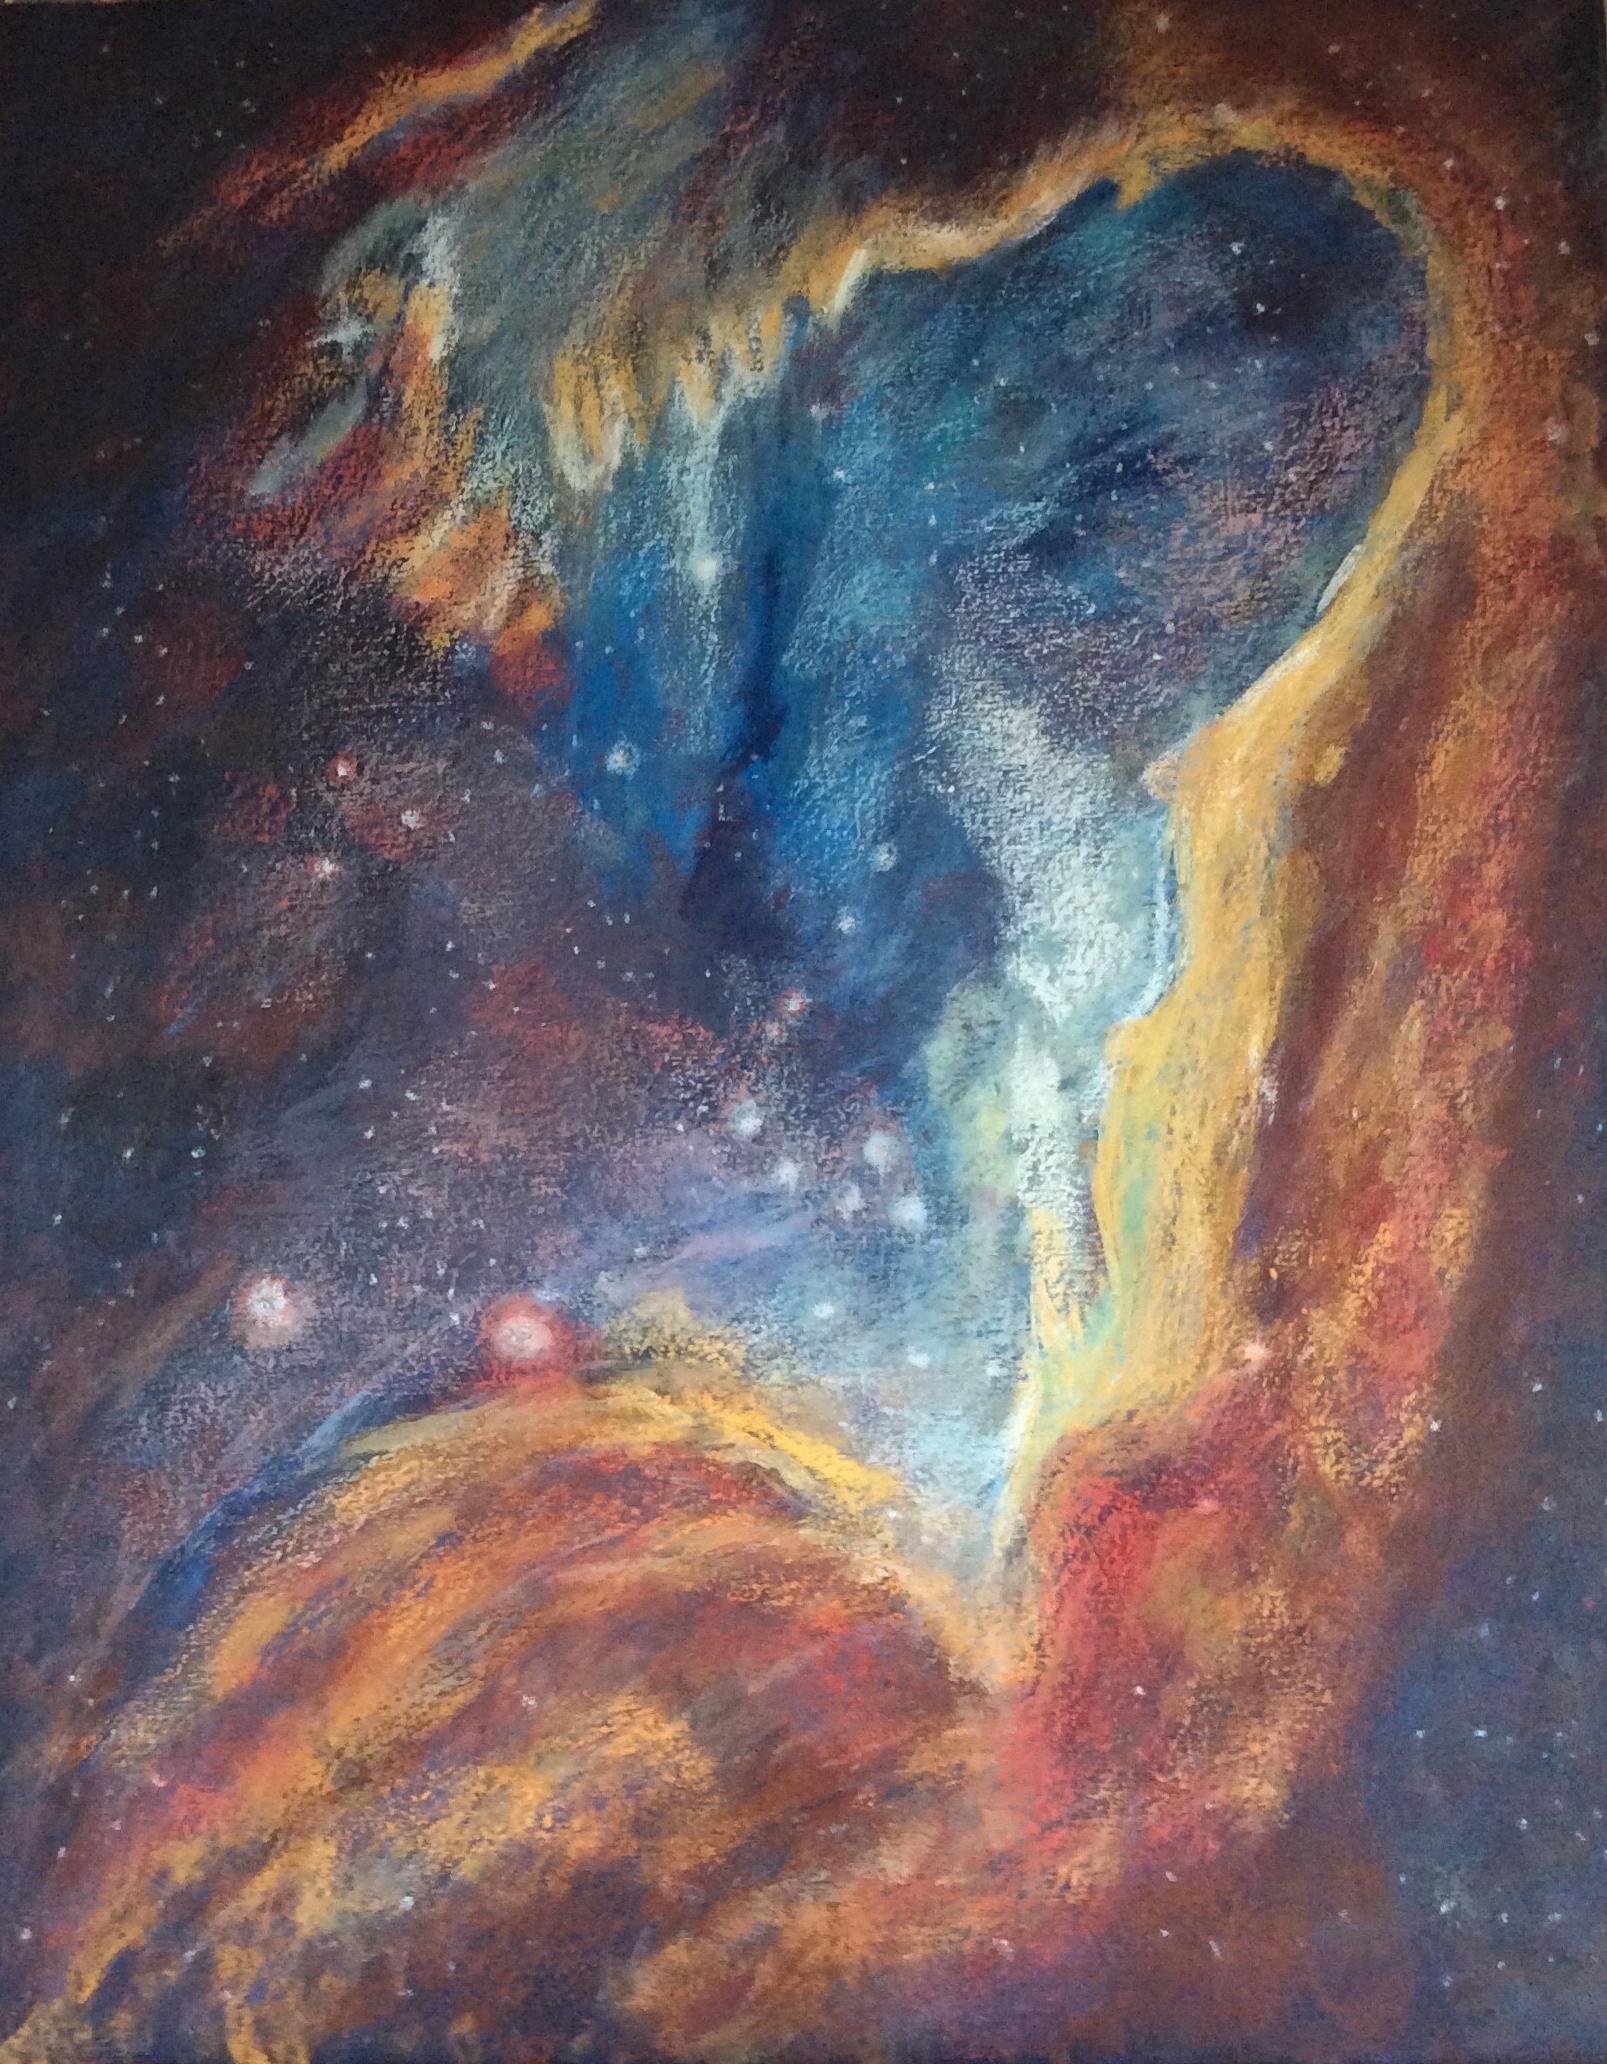 Print 20 - The Universe - Size: 130 x 167